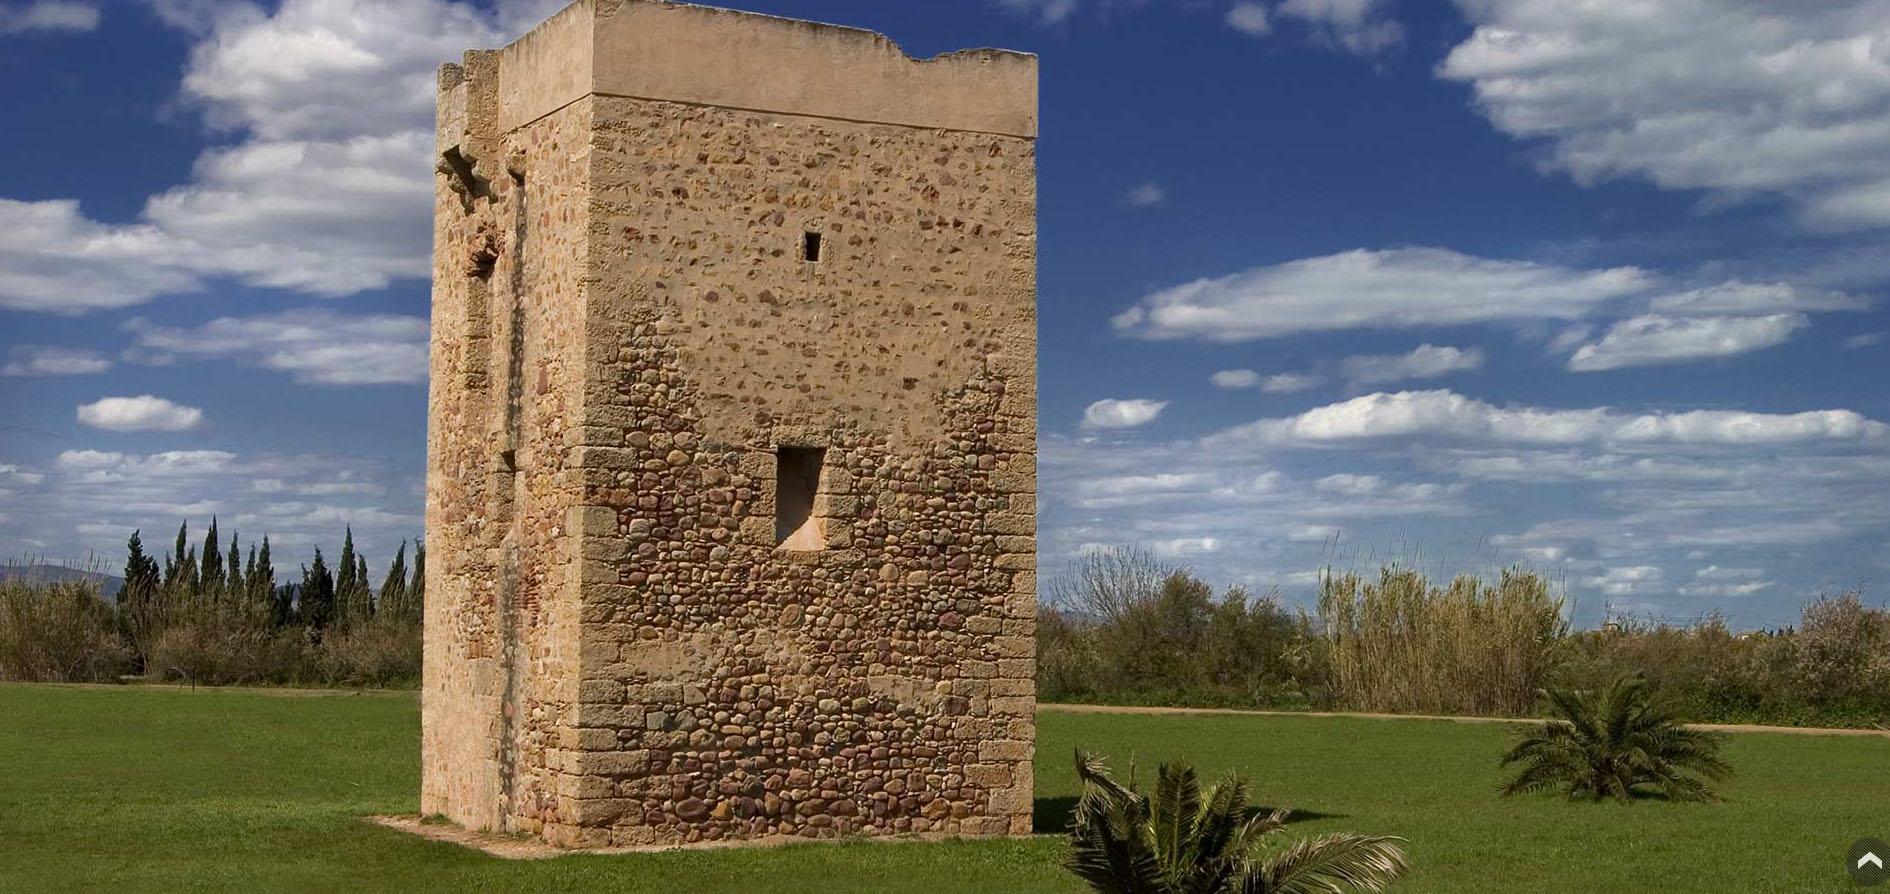 La Torre del Mar de Burriana, la defensa contra los piratas